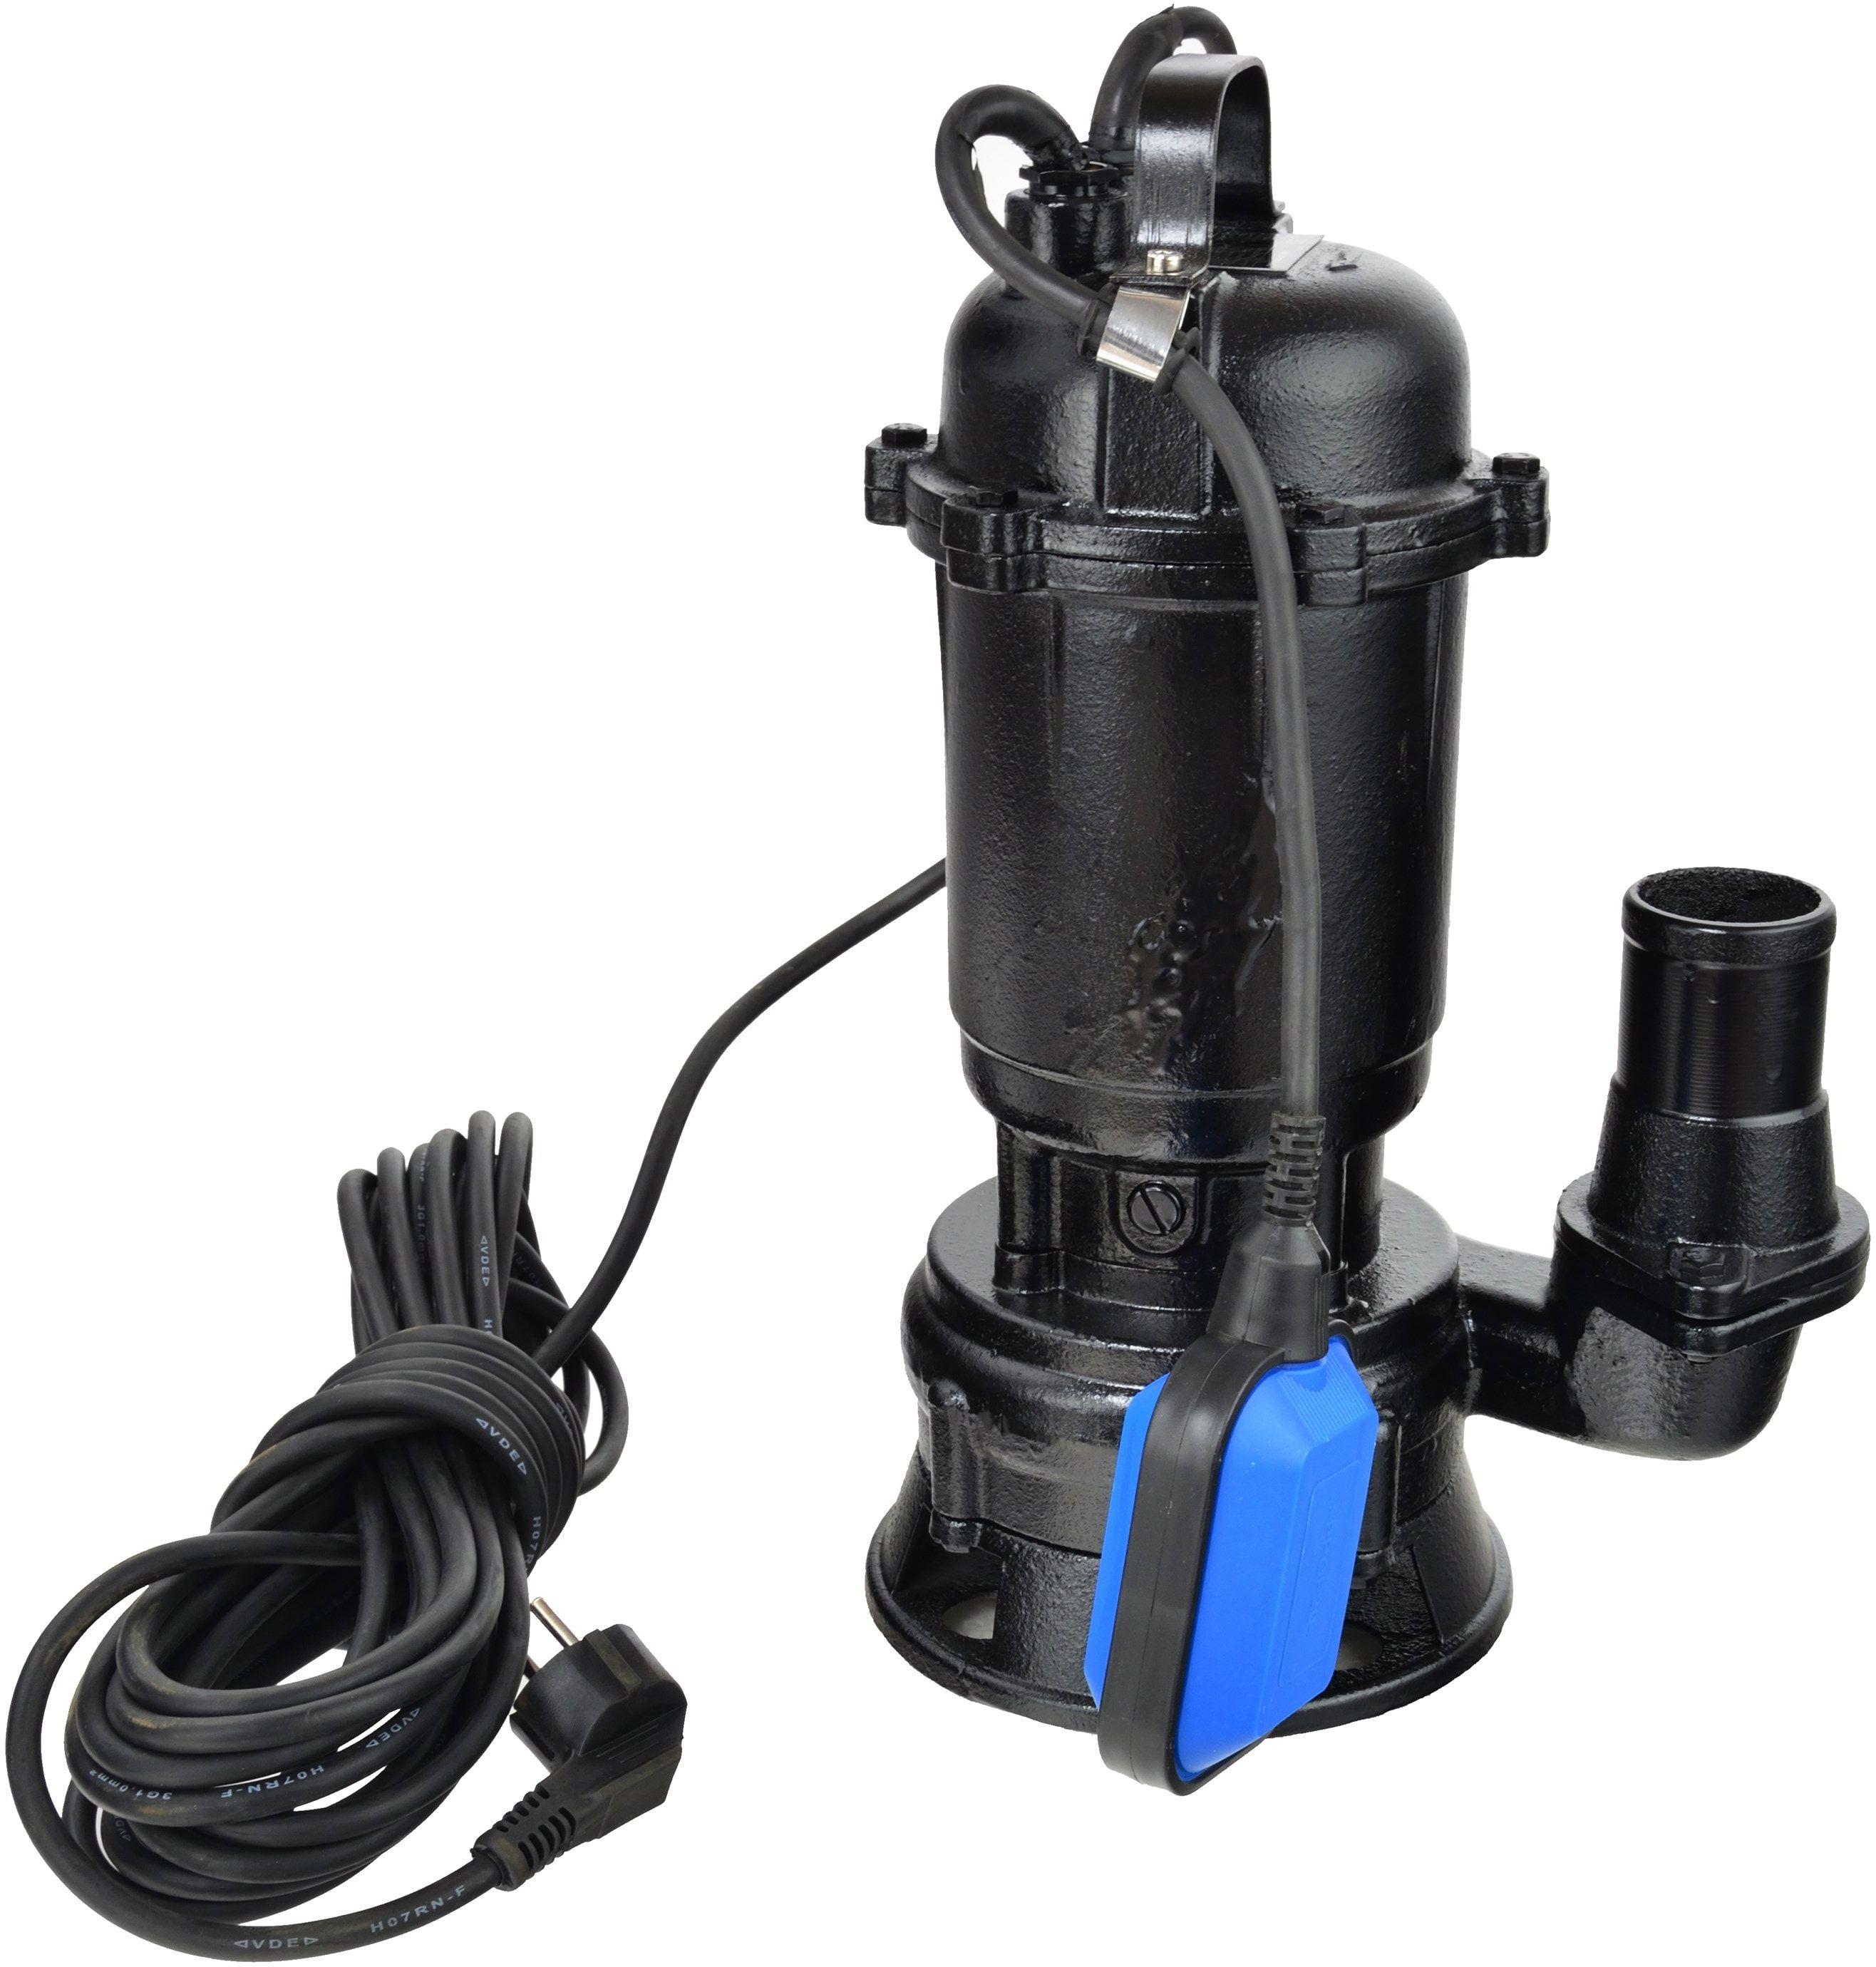 Pompa do wody szamba z rozdrabniaczem (pływak) 2950W GEKO